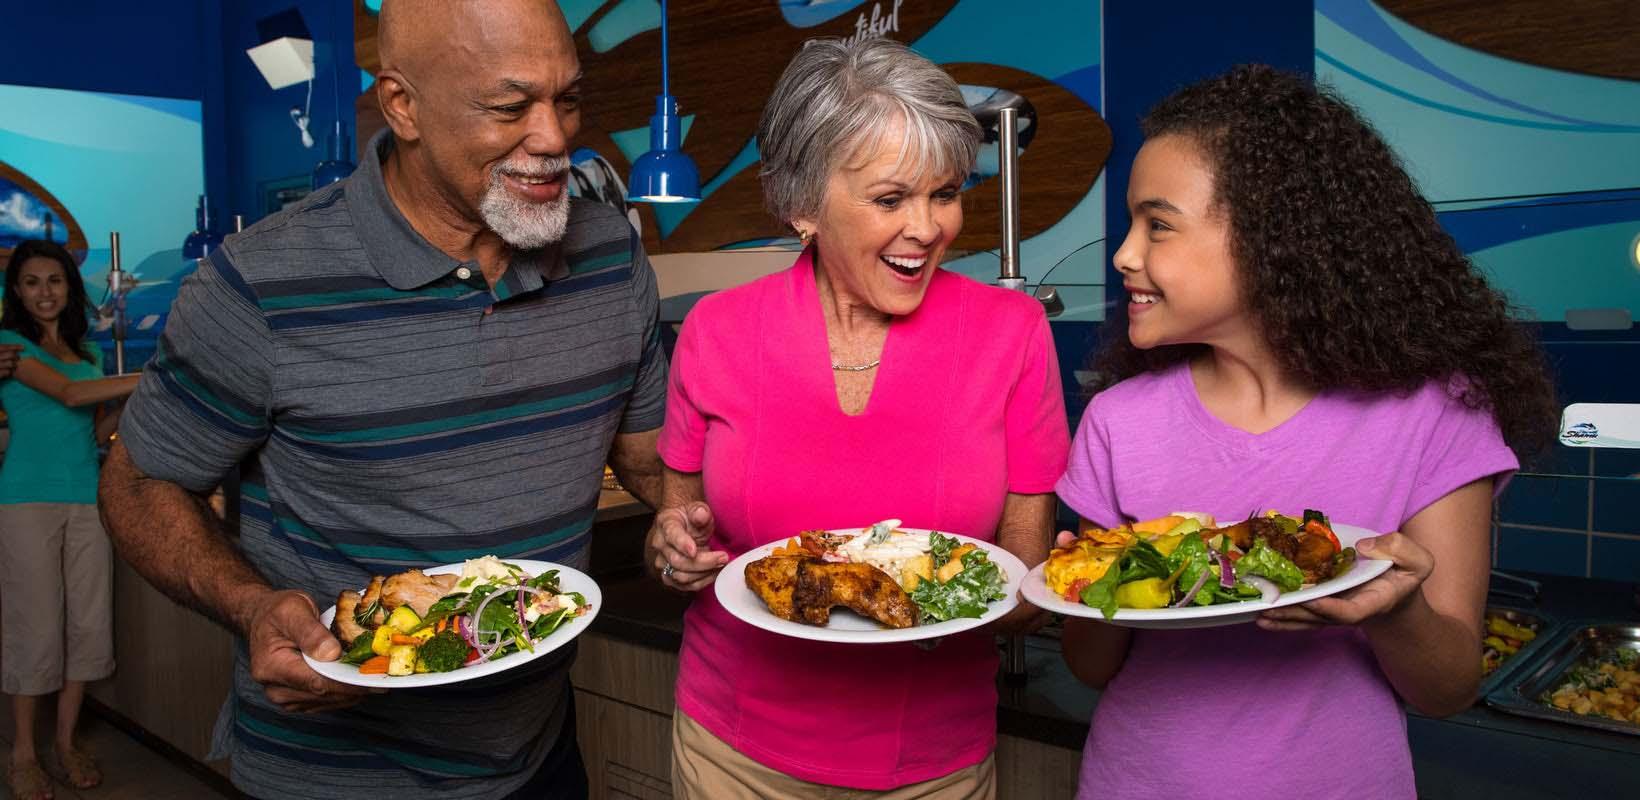 Up-close Dining at SeaWorld